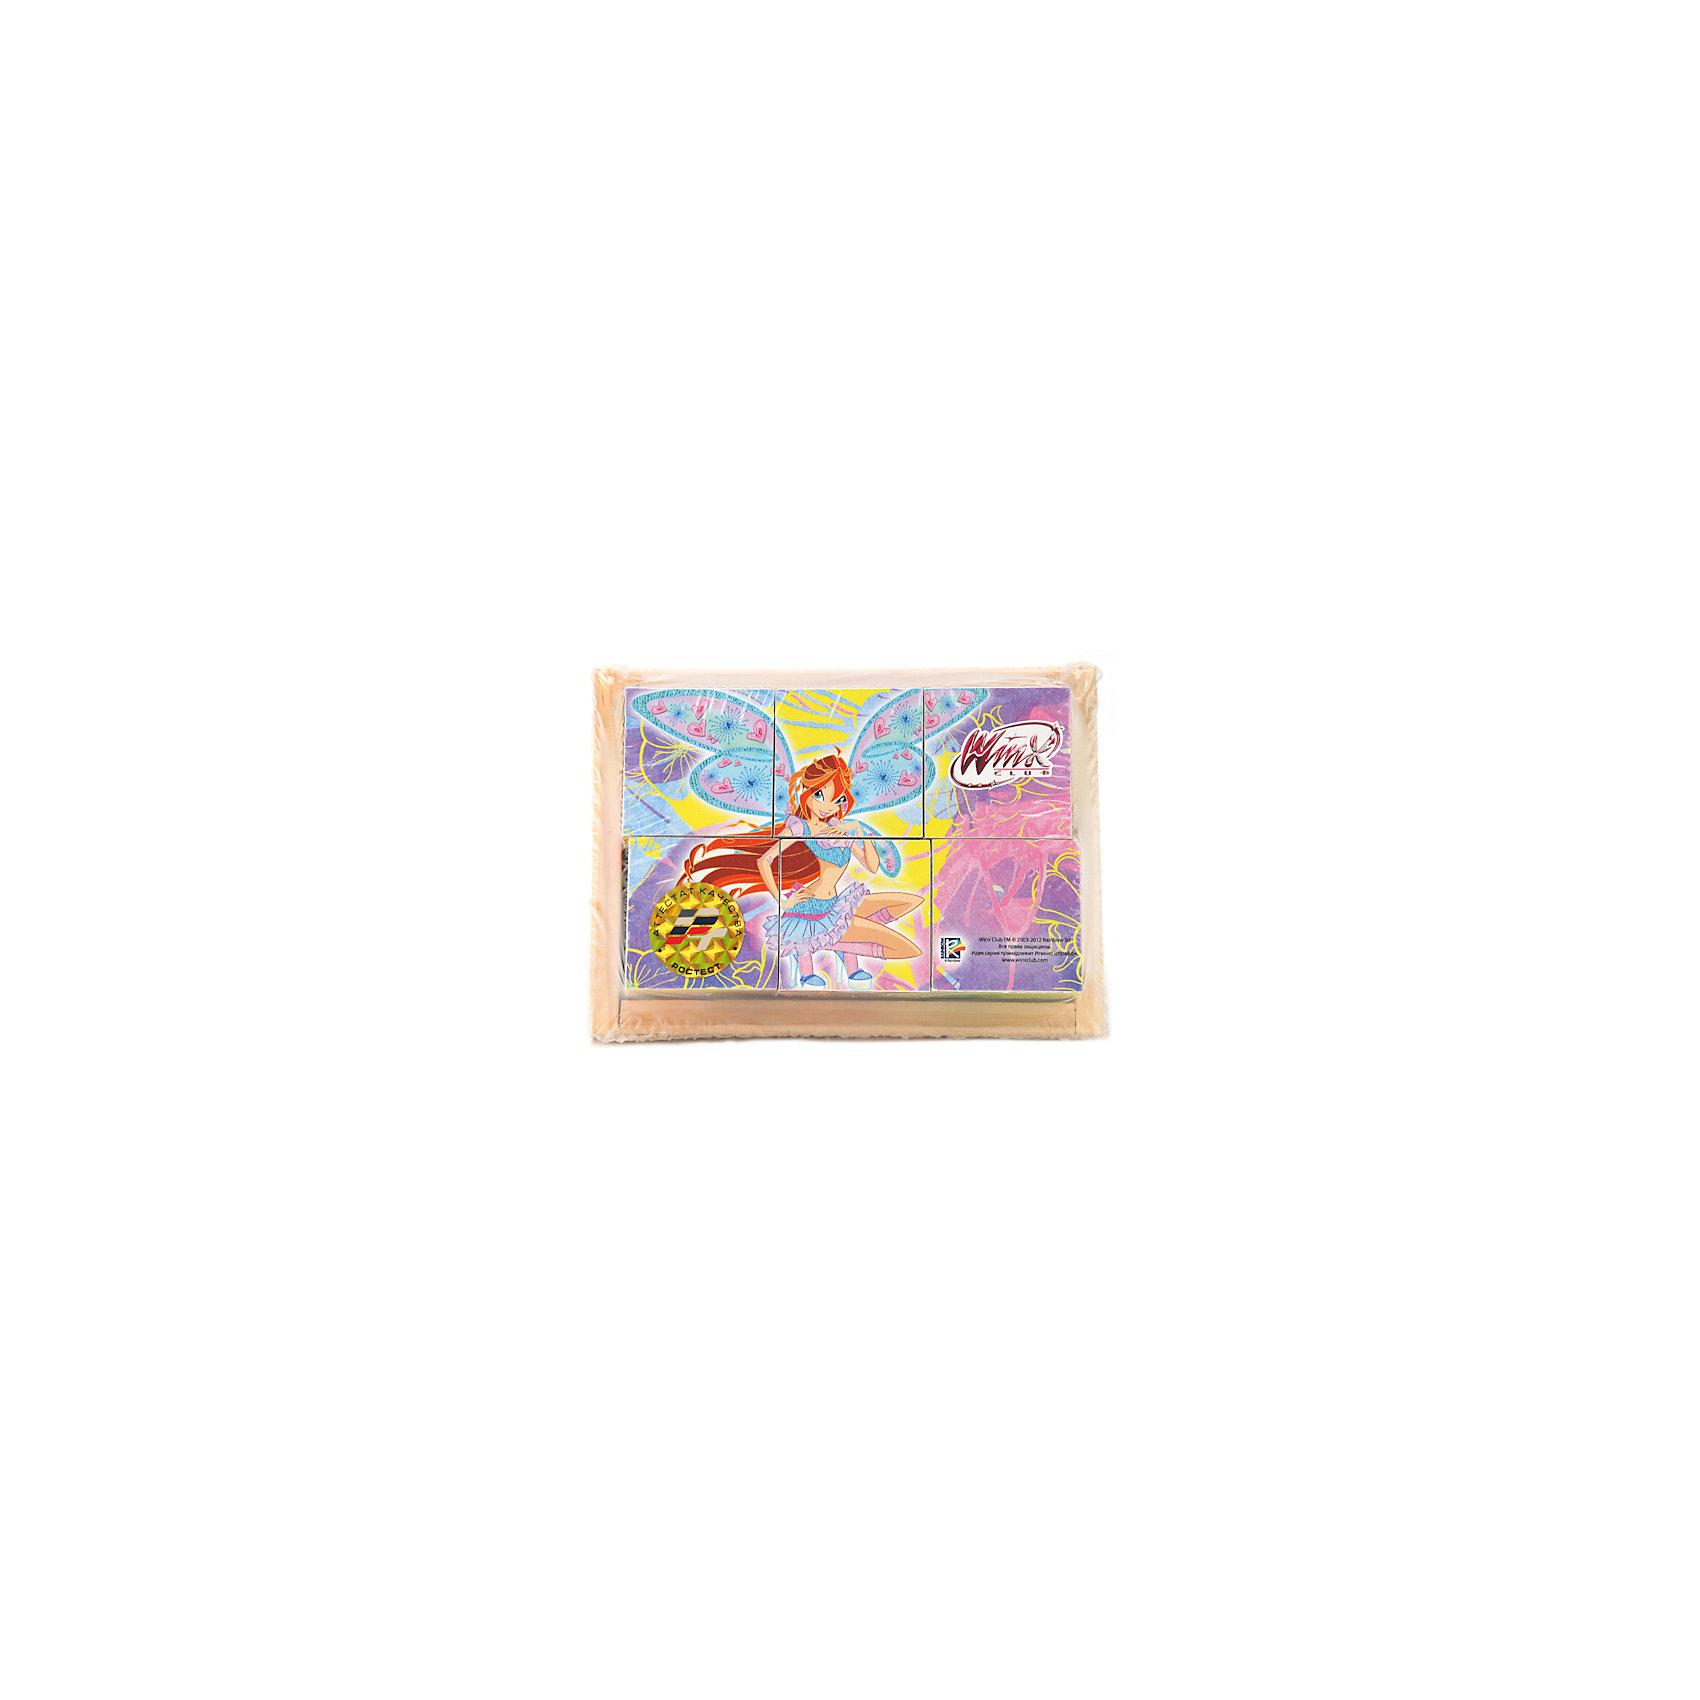 Играем вместе Кубики Winx (6 кубиков), деревянные, Играем вместе комплект sapsan старт